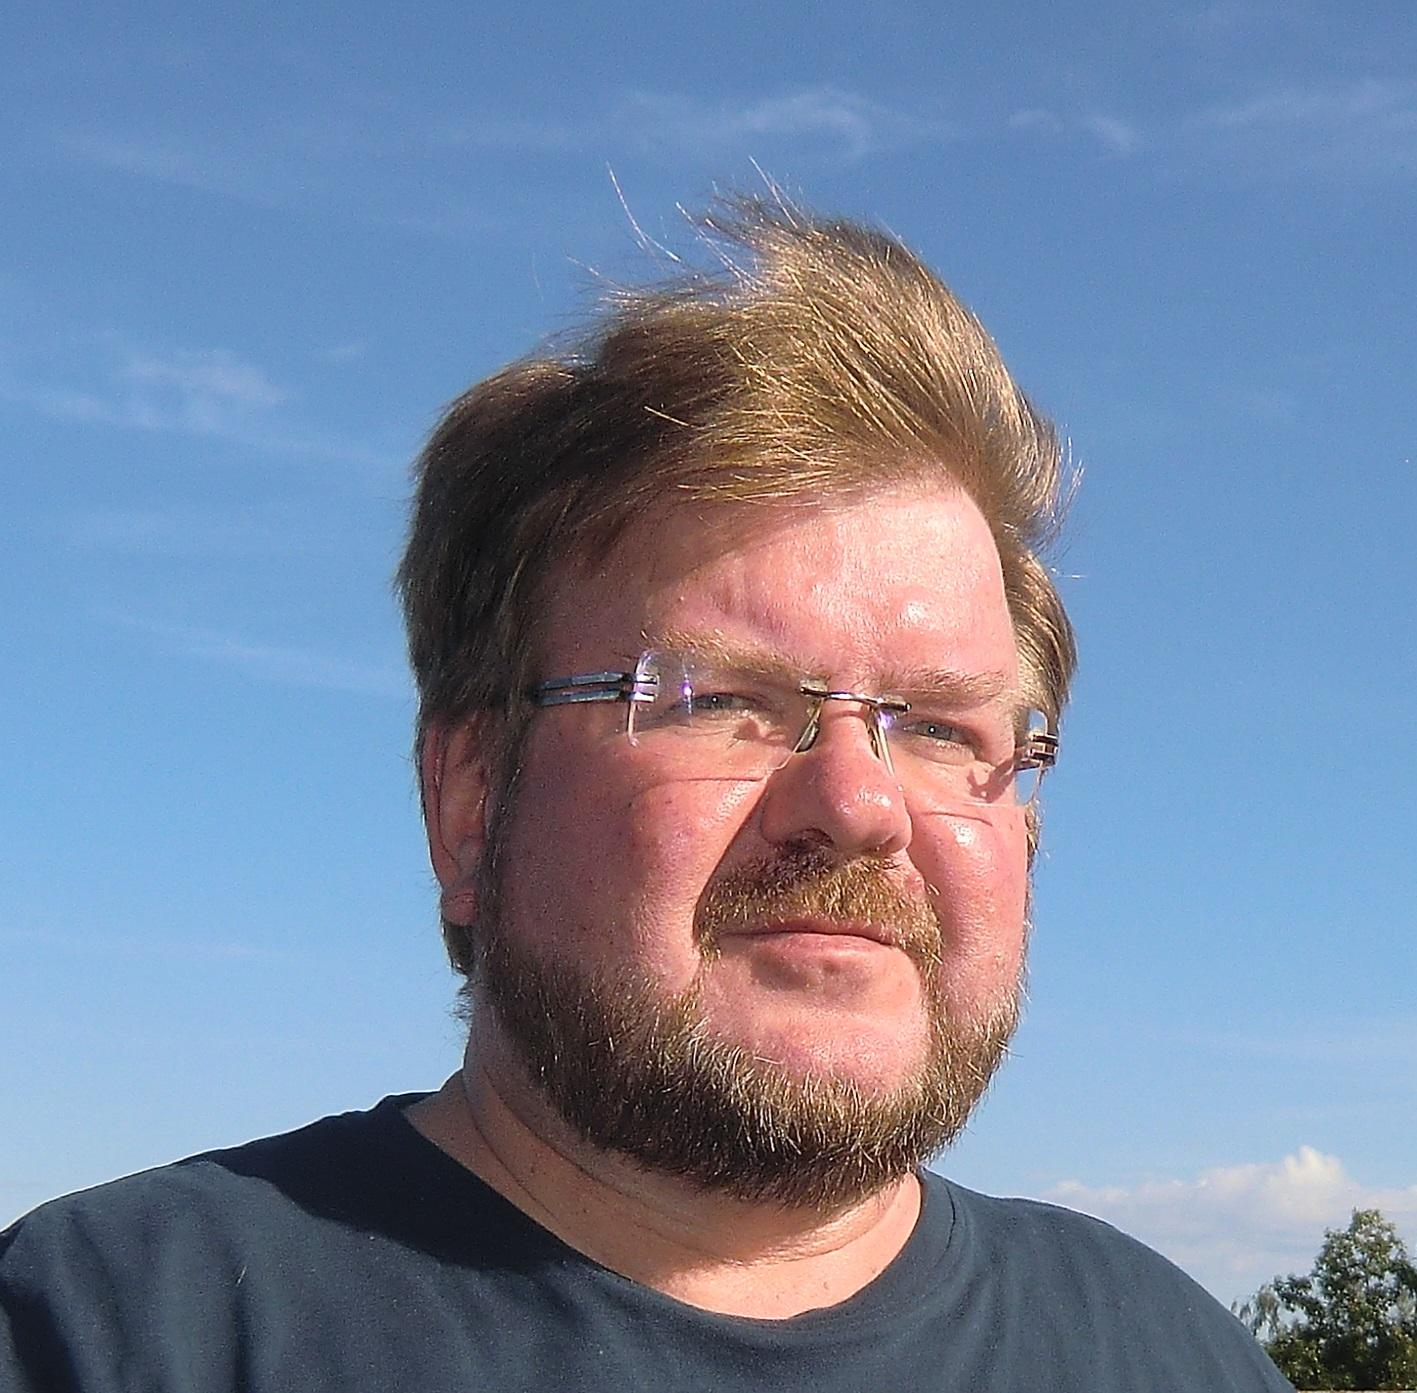 Andreas gaudek